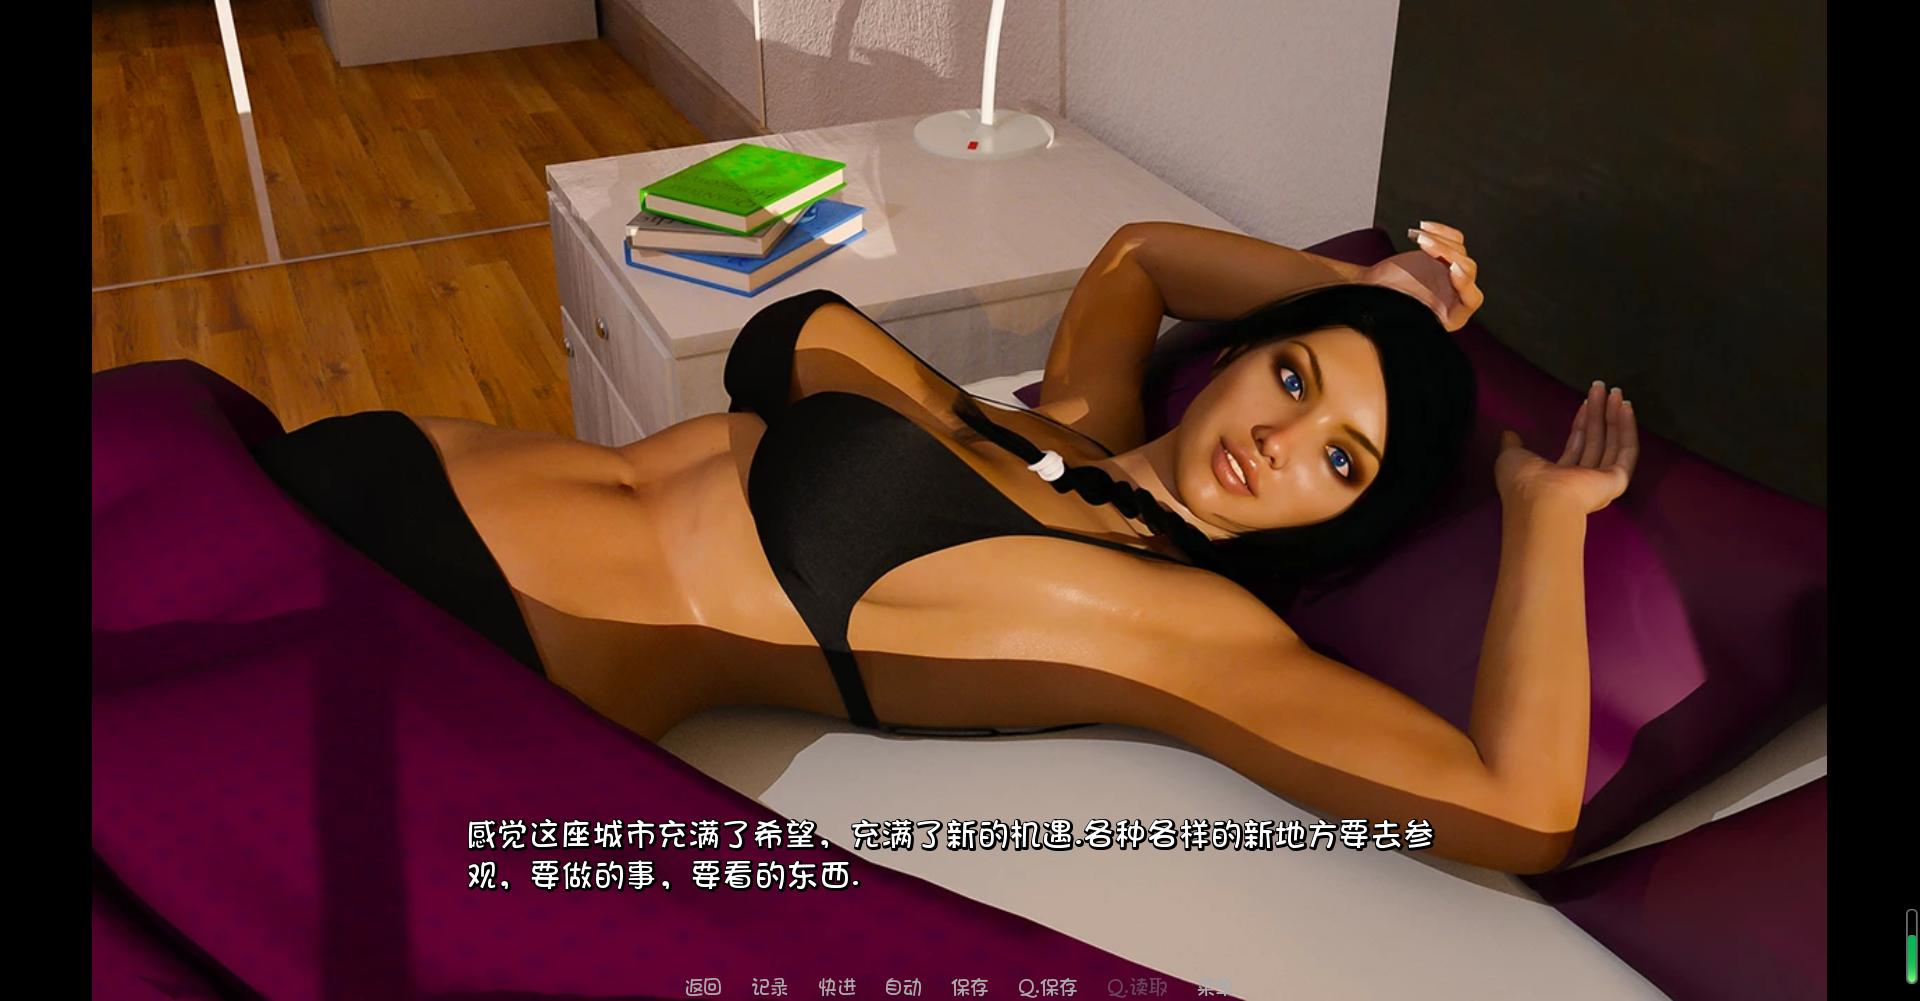 《安娜-令人兴奋的情感》/SLG游戏/PC/安卓